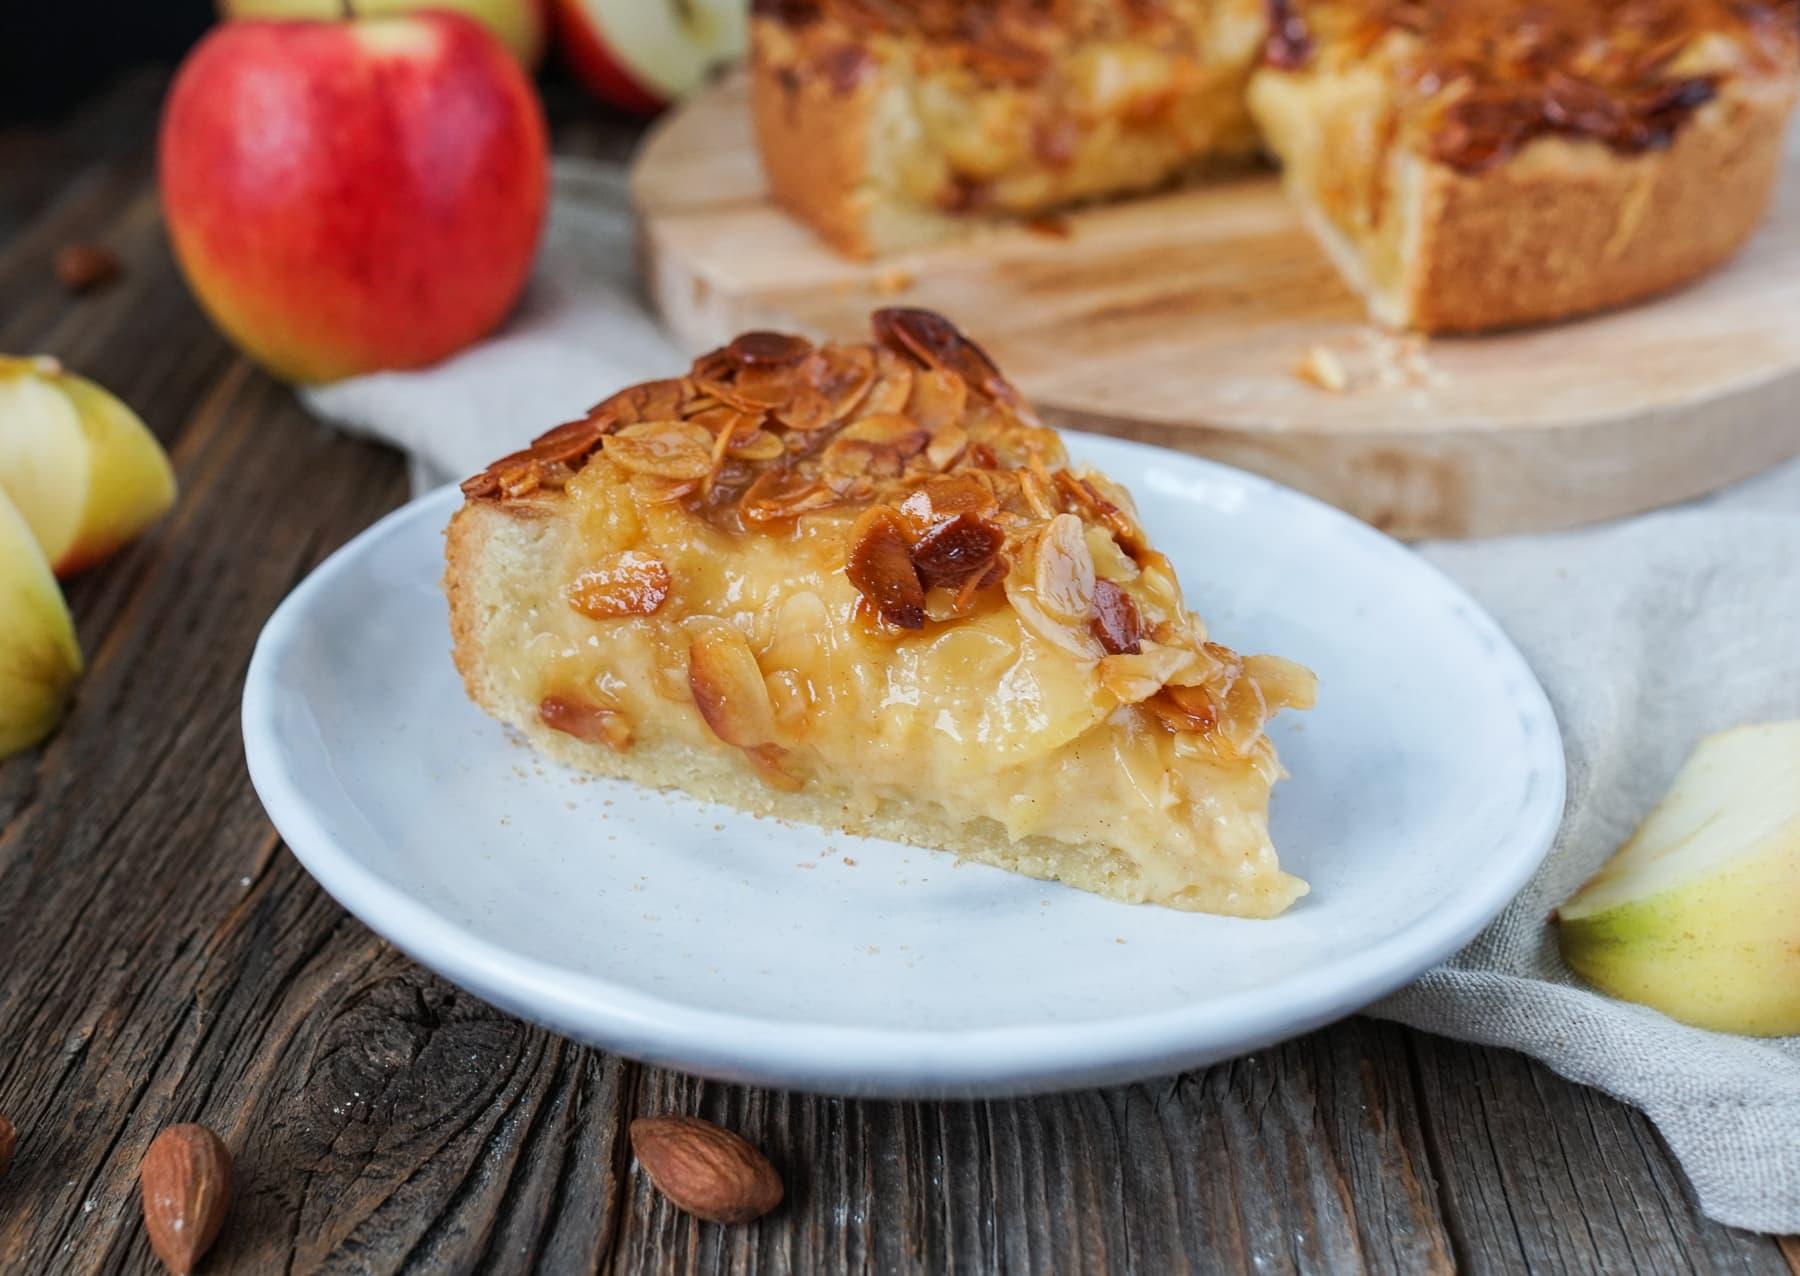 Line backt Apfelkuchen mit Bienenstich-Decke | Line backt | Was is hier eigentlich los?